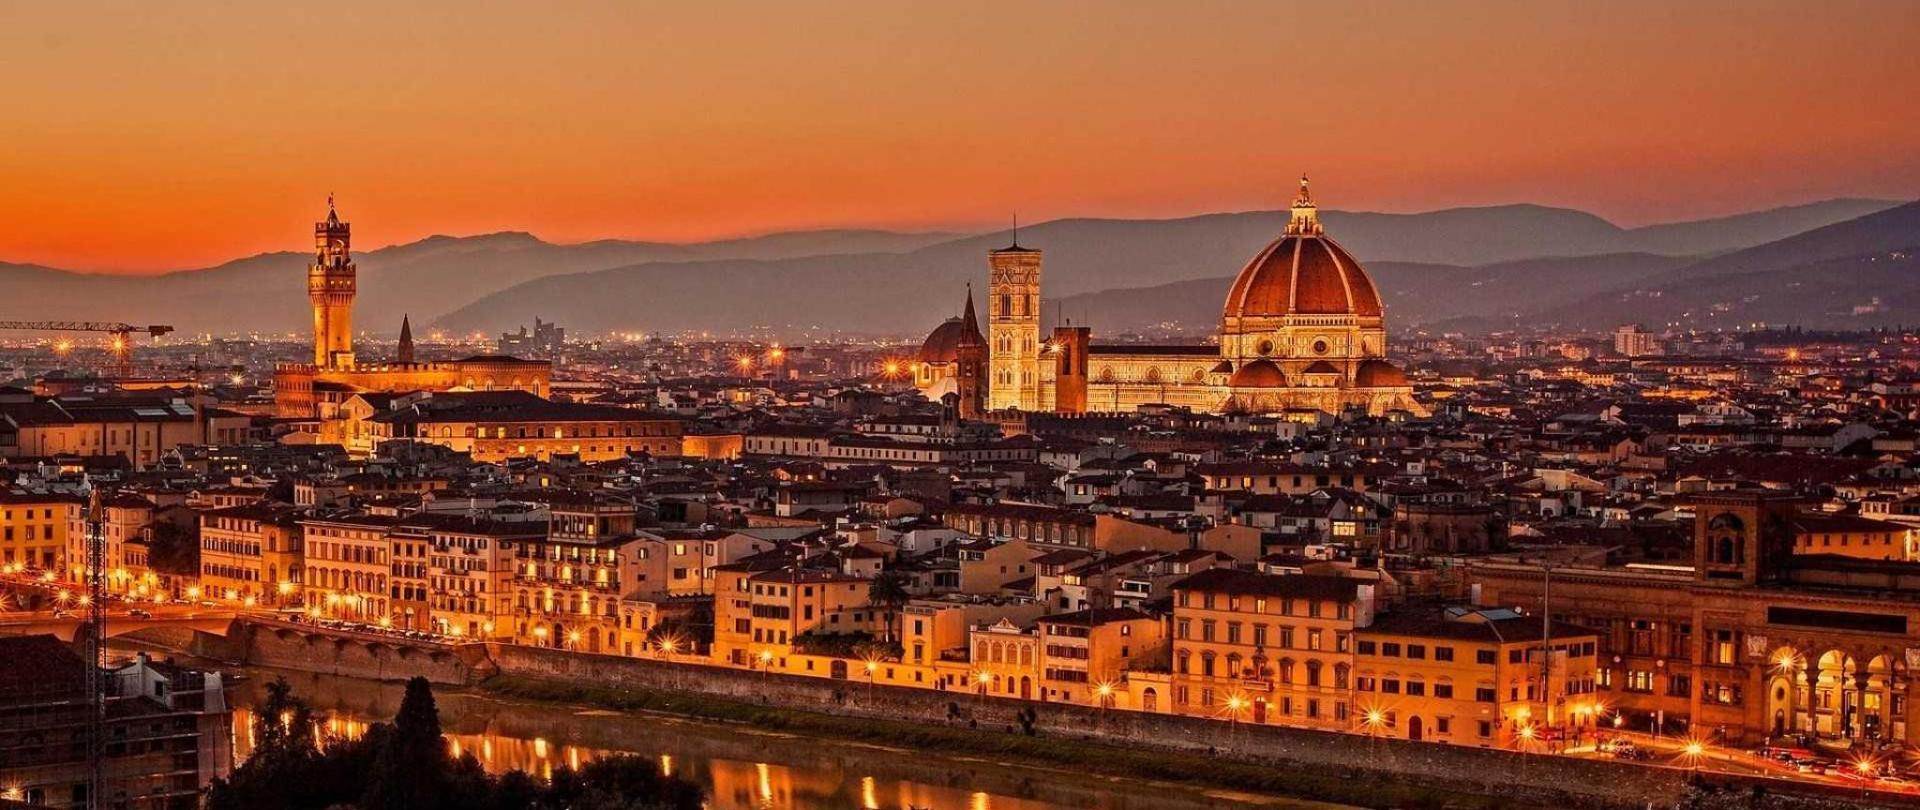 490613_italy_firenze_cattedrale-di-santa-maria-del-fiore-copia.jpg